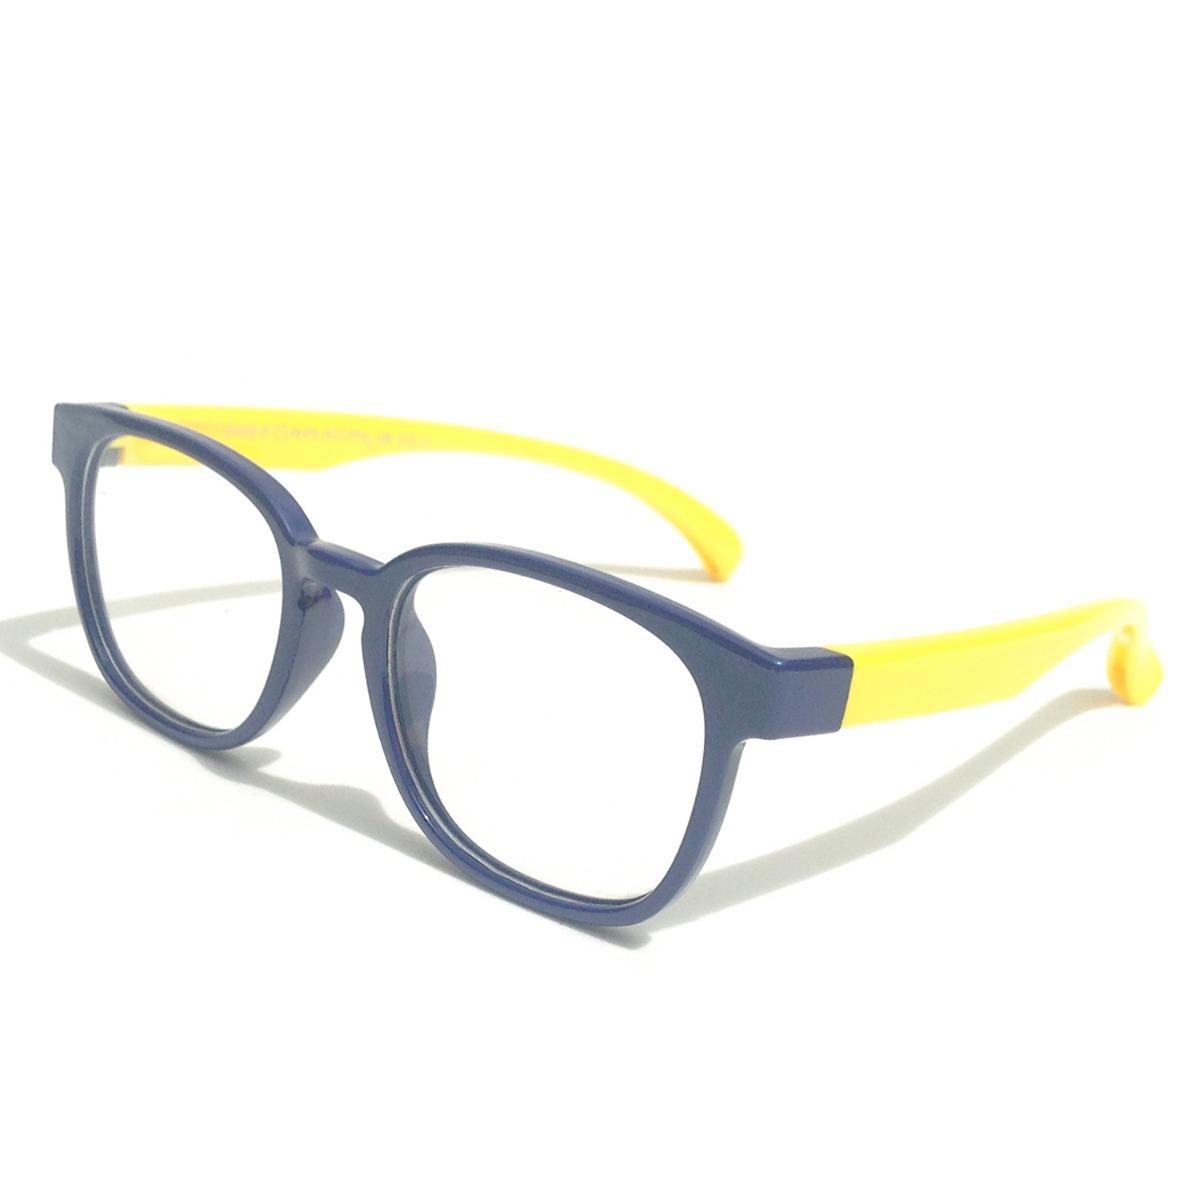 3e1fd3b8c armação oculos masculino infantil flexível tamanho p 8158. Carregando zoom.